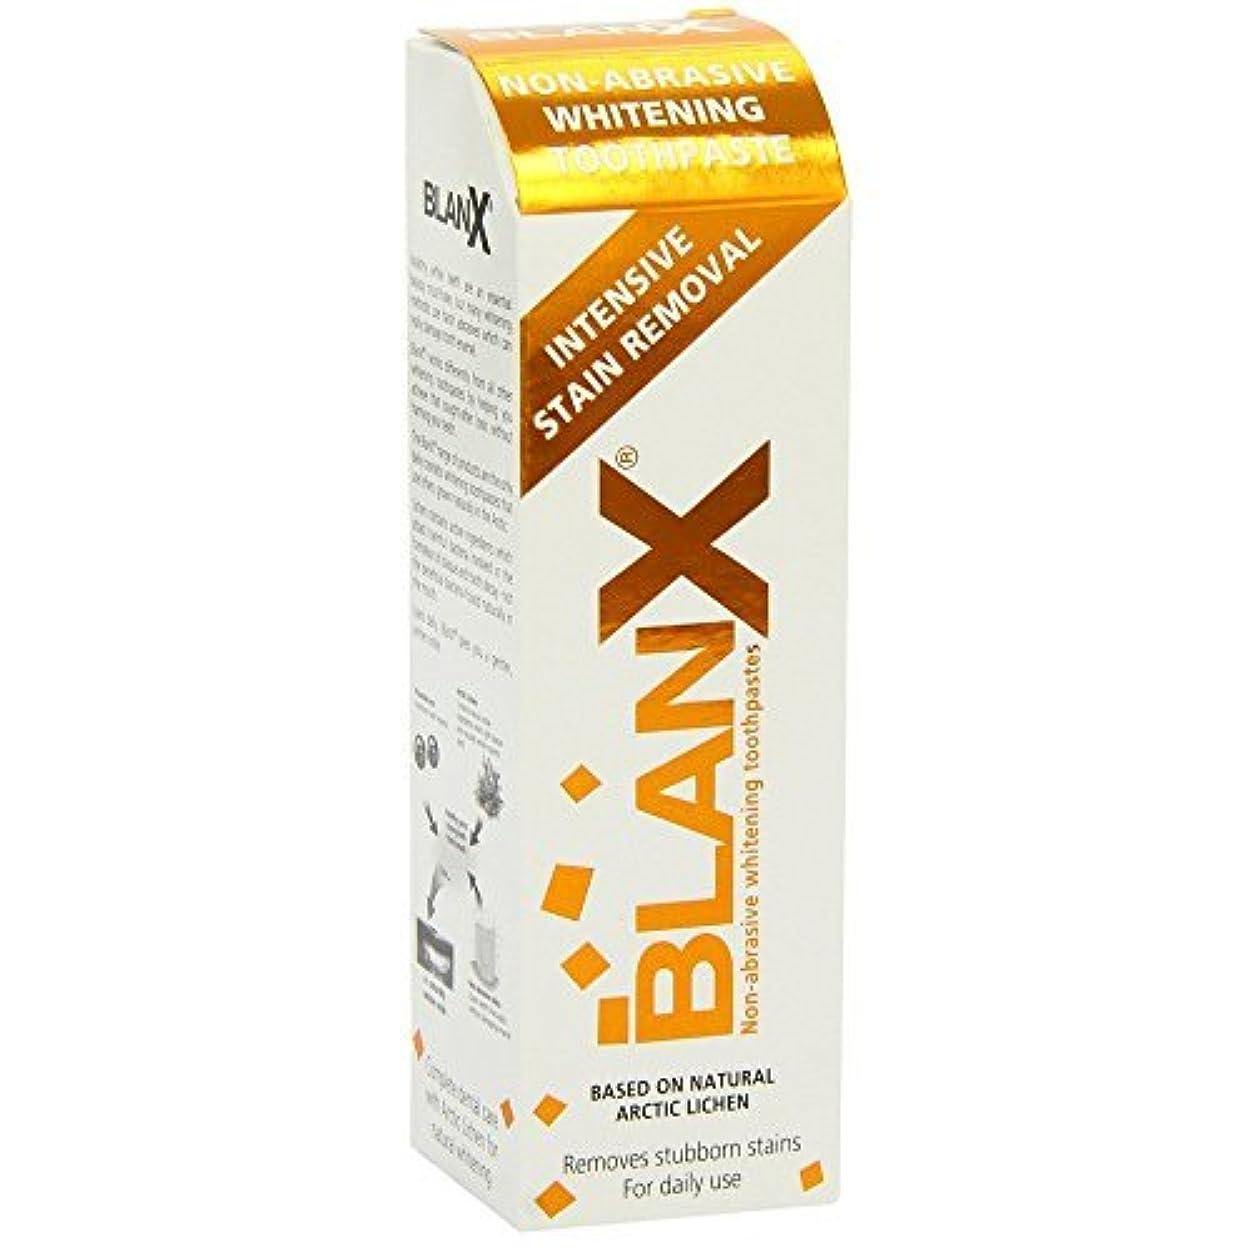 影響力のある突撃弾力性のあるBlanx Intensive Stain Removal Whitening Toothpaste, 75ml by BlanX